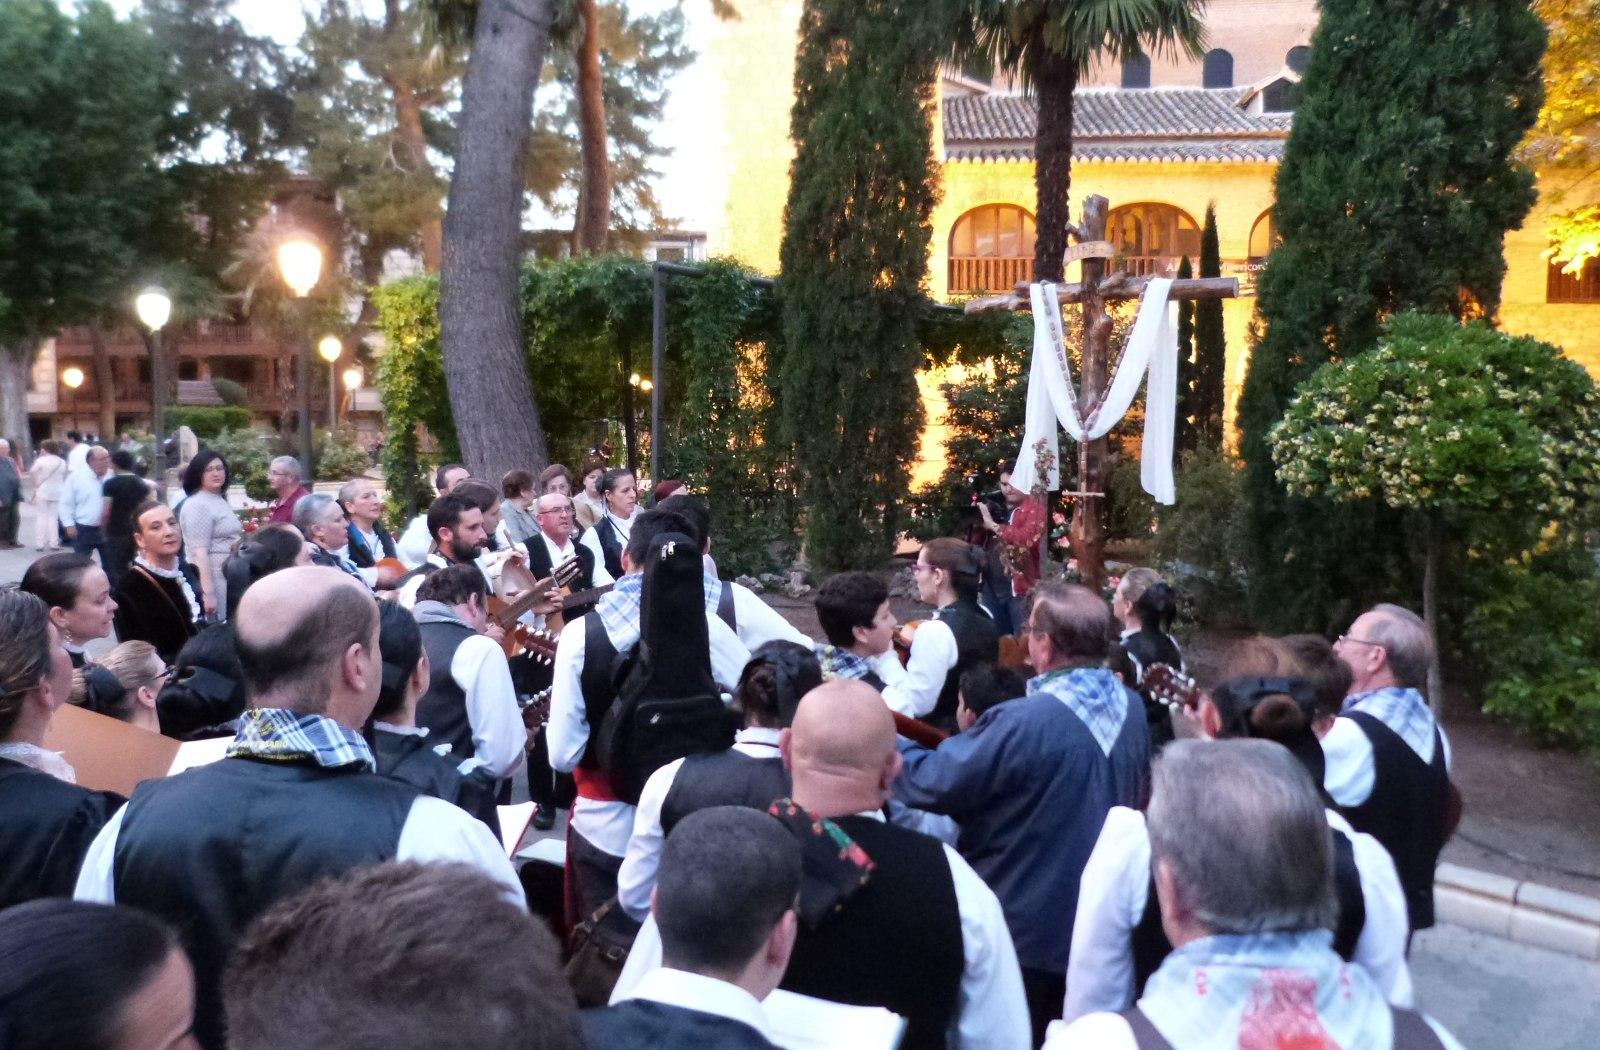 El acervo folclórico de La Mancha patente en el Festival de Mayos